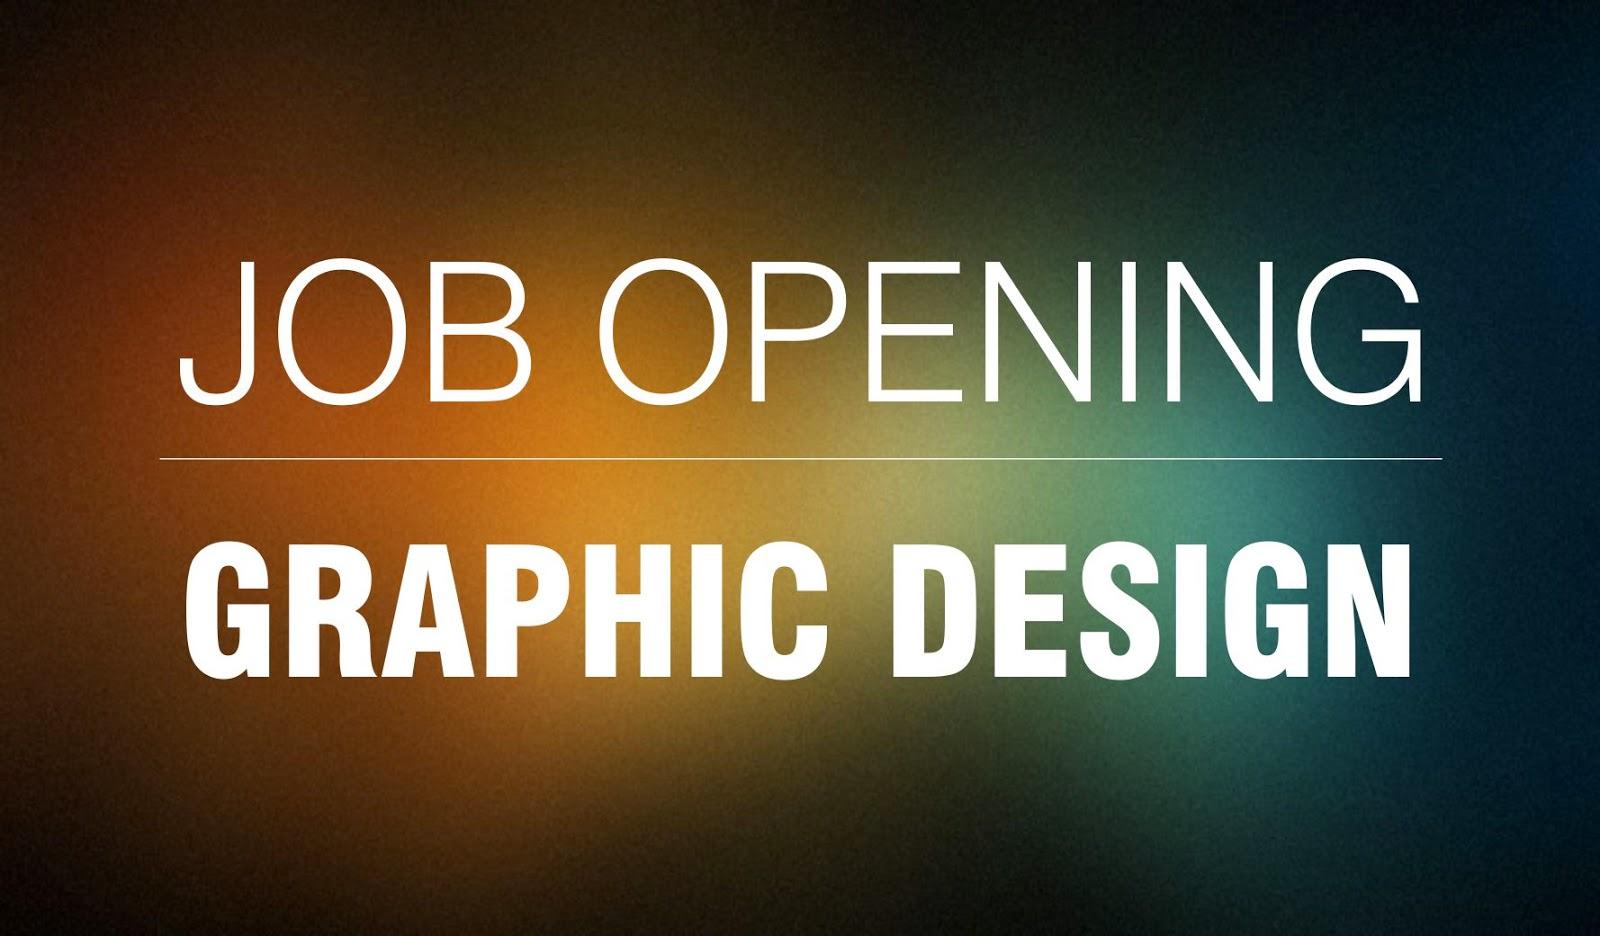 Graphic Designer Job Opening: mydesignsfouryou.blogspot.com/2015/01/graphic-designer-job-opening...